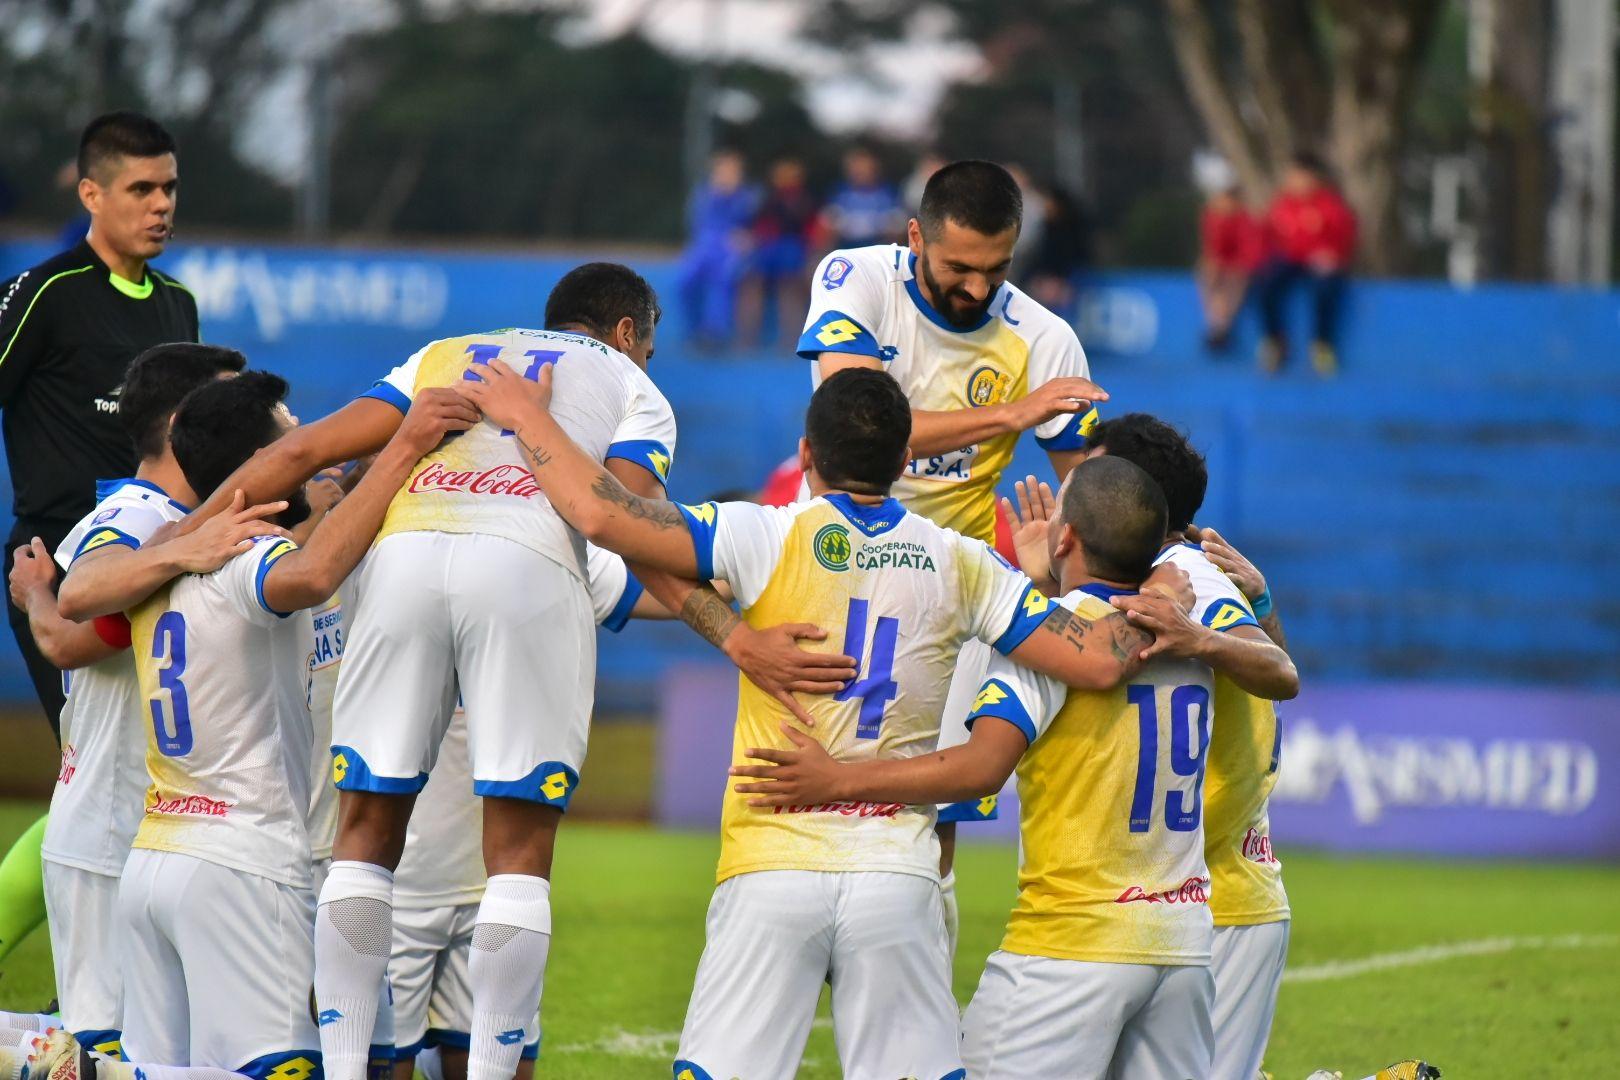 Salcedo es la carta de gol de Capiatá. Foto: Fernando Calistro – Última Hora.